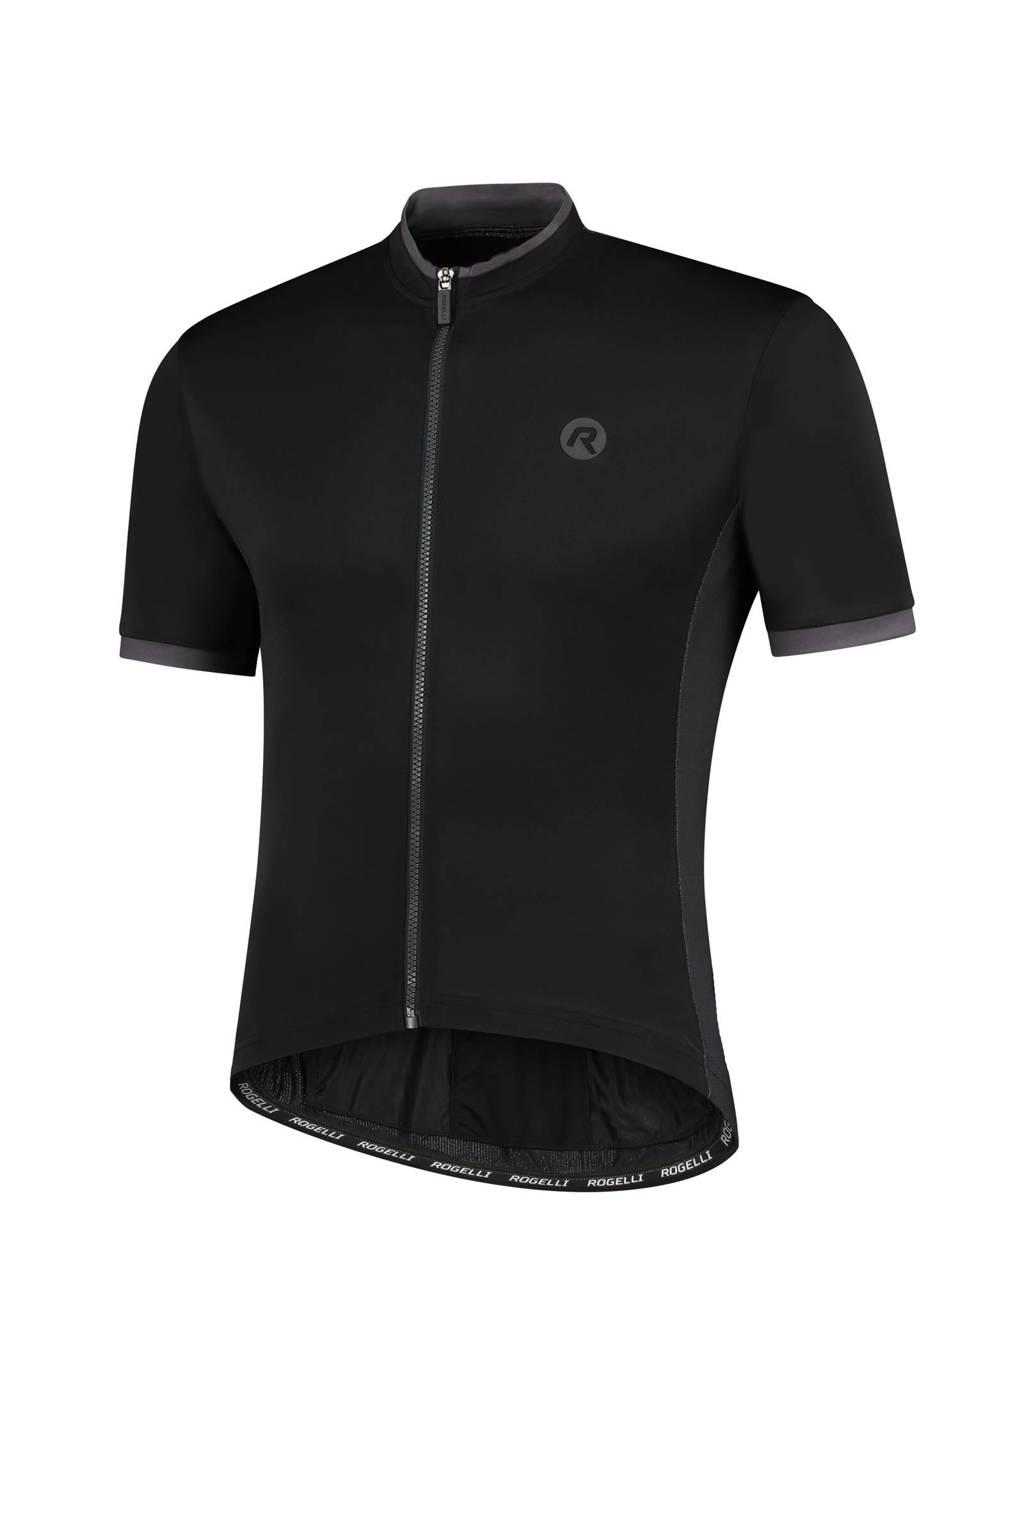 Rogelli   fietsshirt Essential zwart, Black